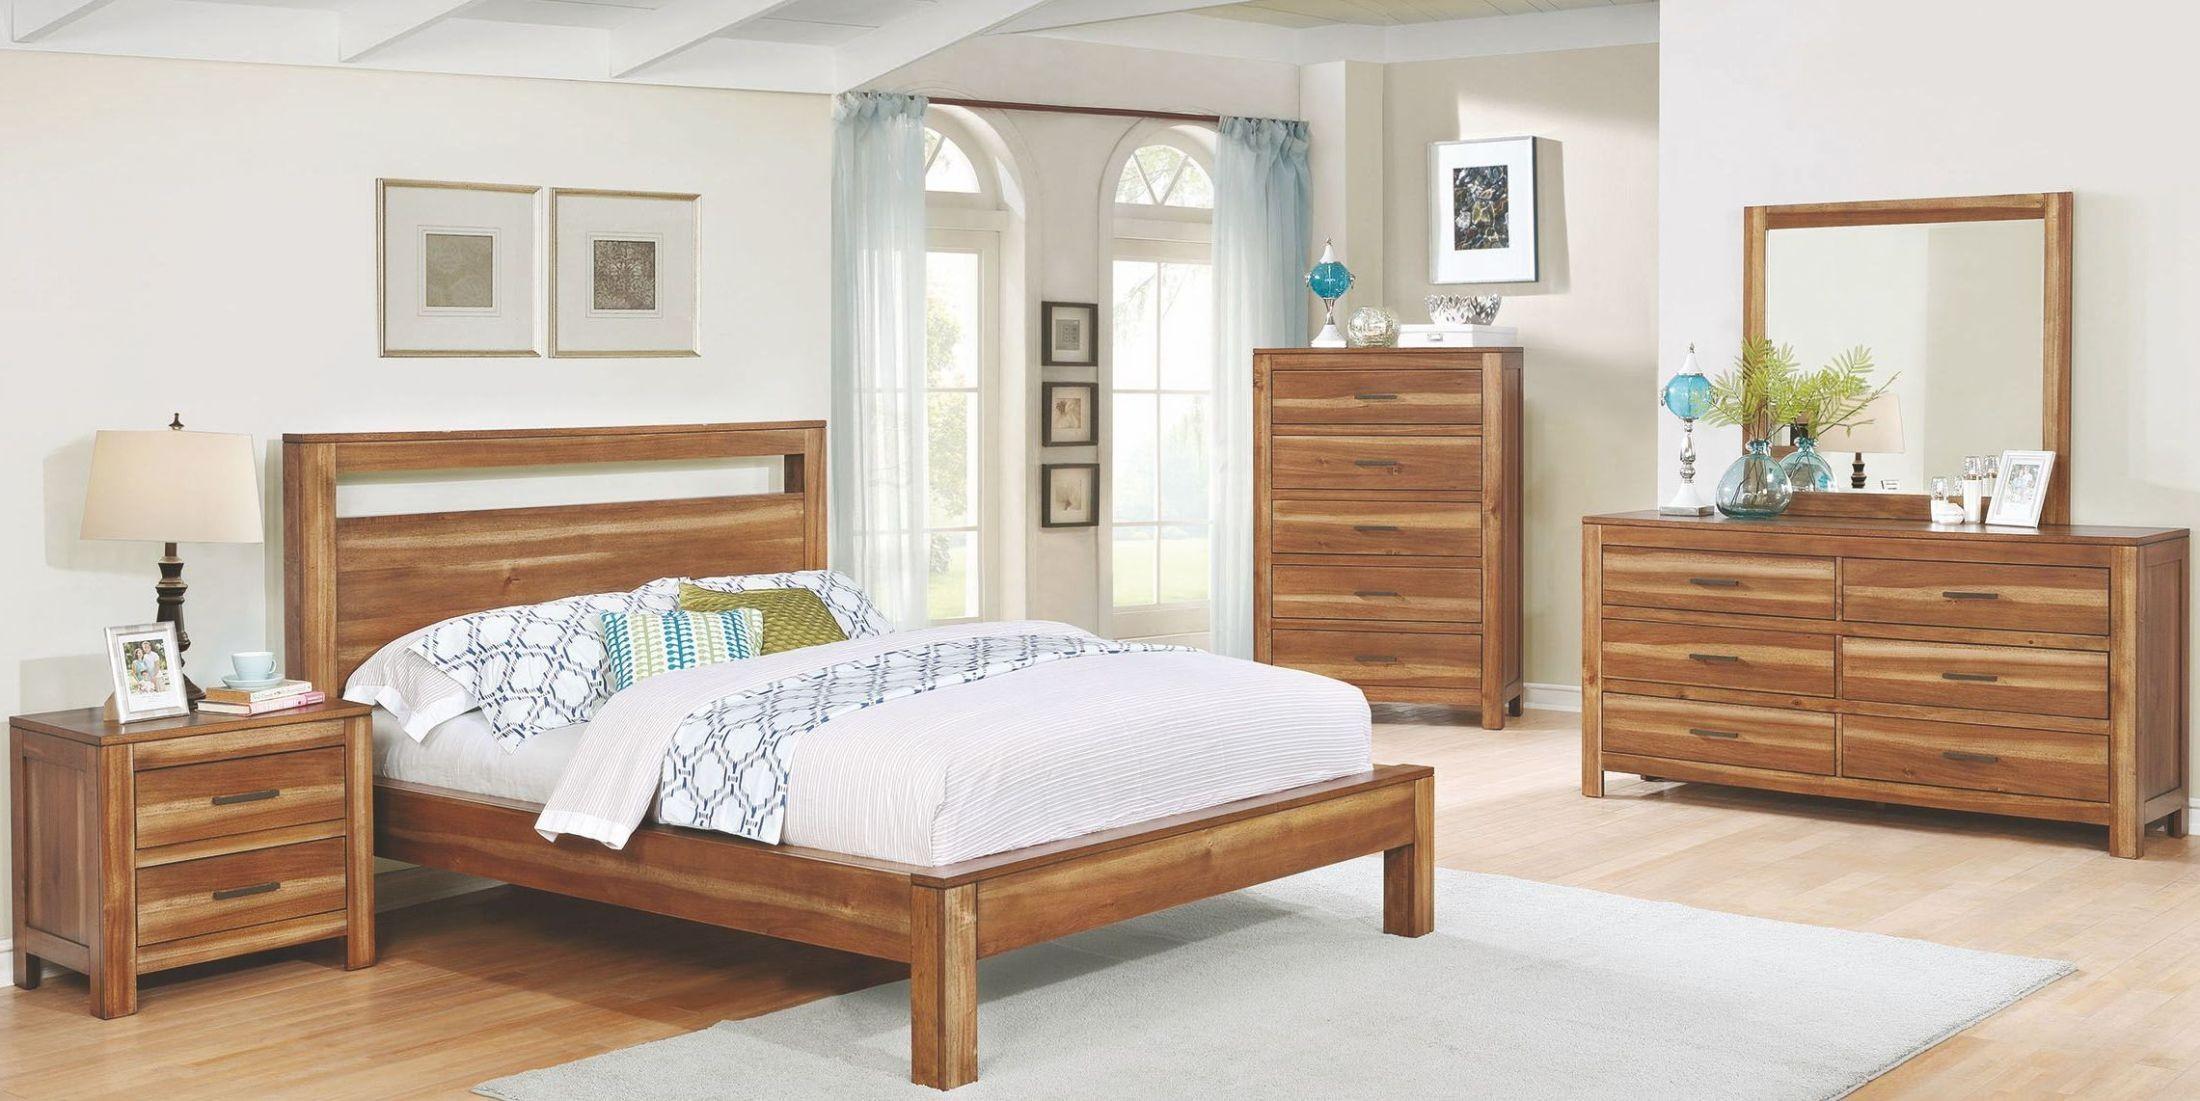 Ethan natural brown platform bedroom set from coaster